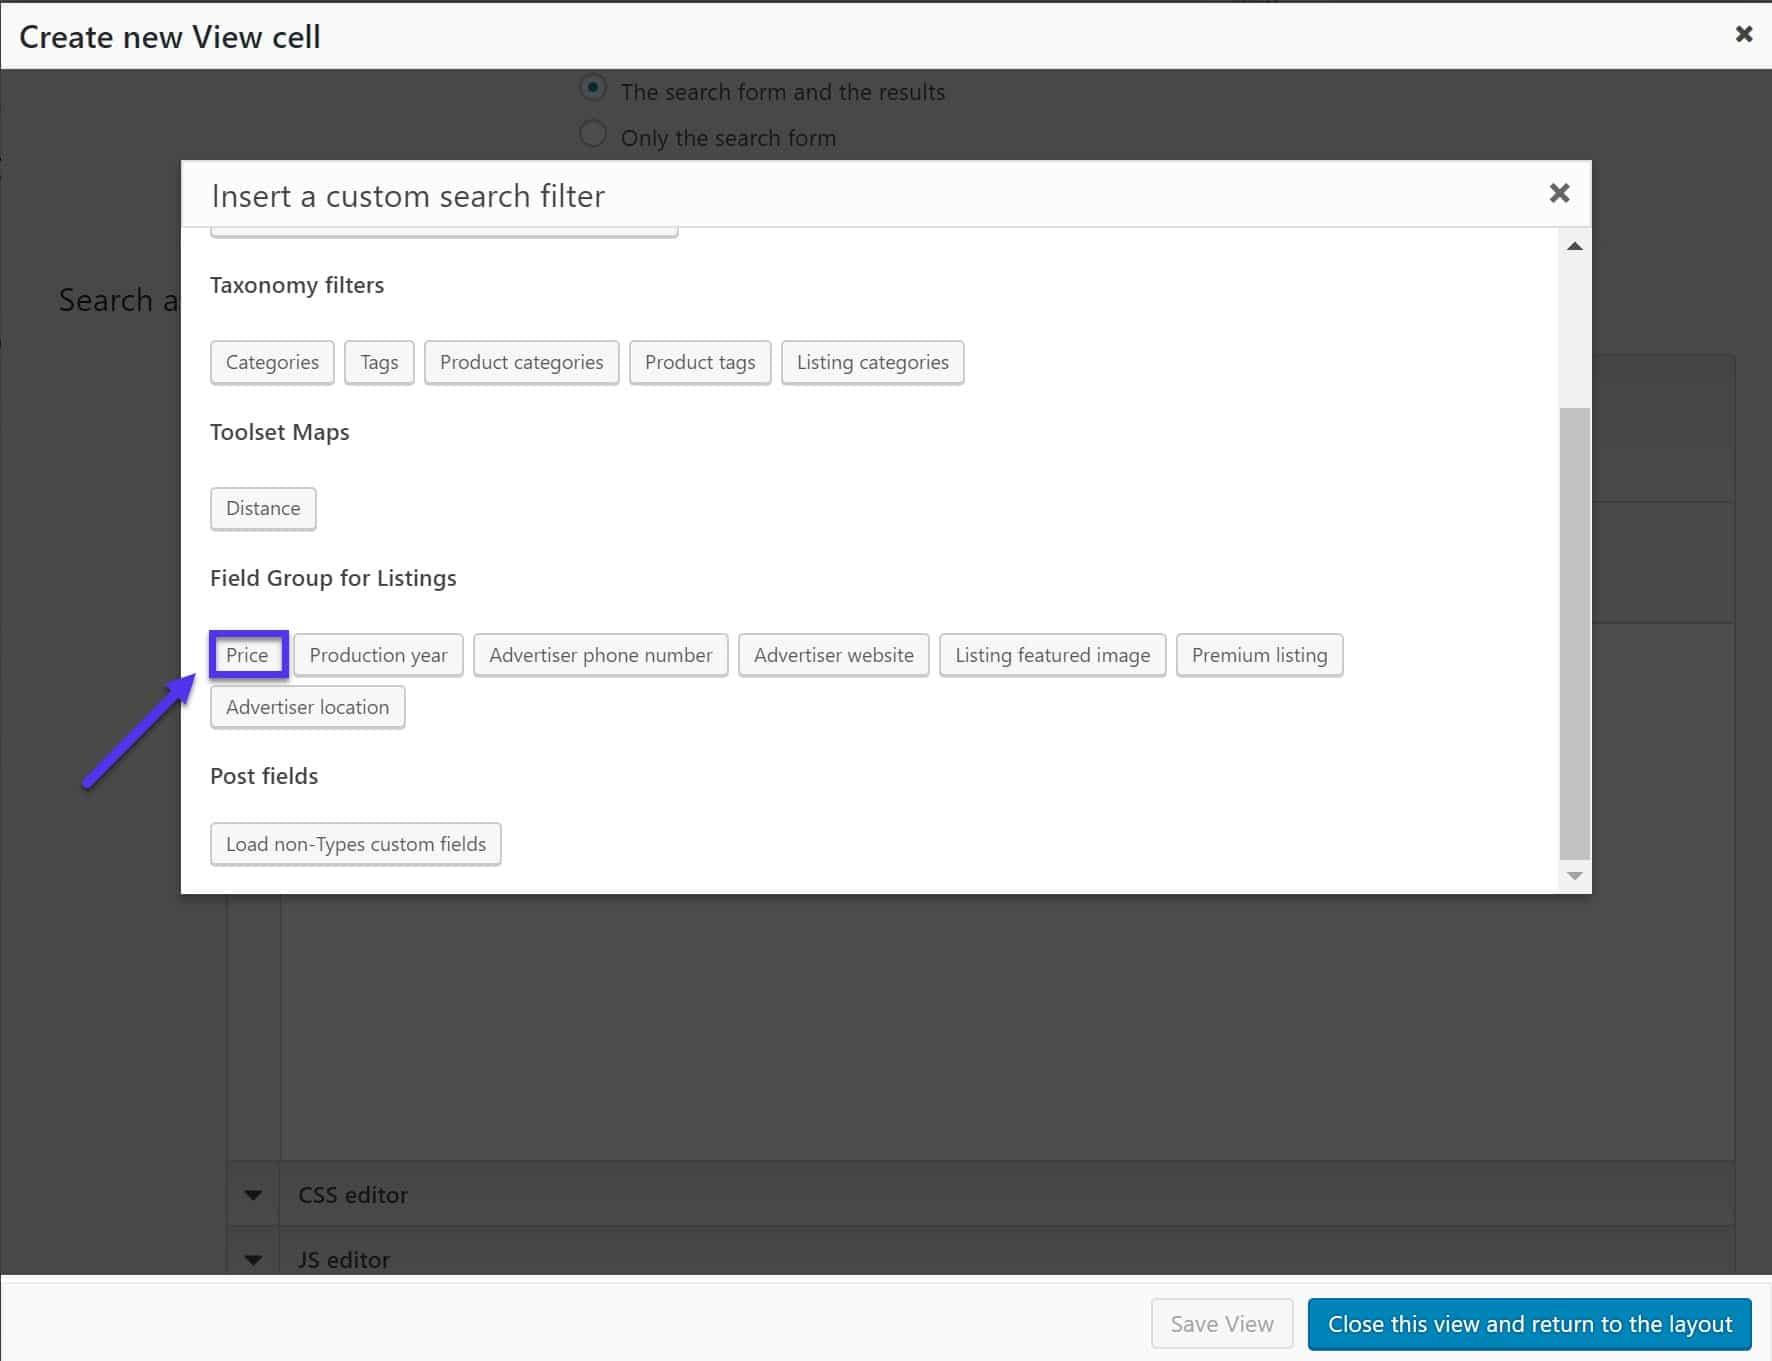 Agregue nuevos filtros de búsqueda personalizados como shortcodes